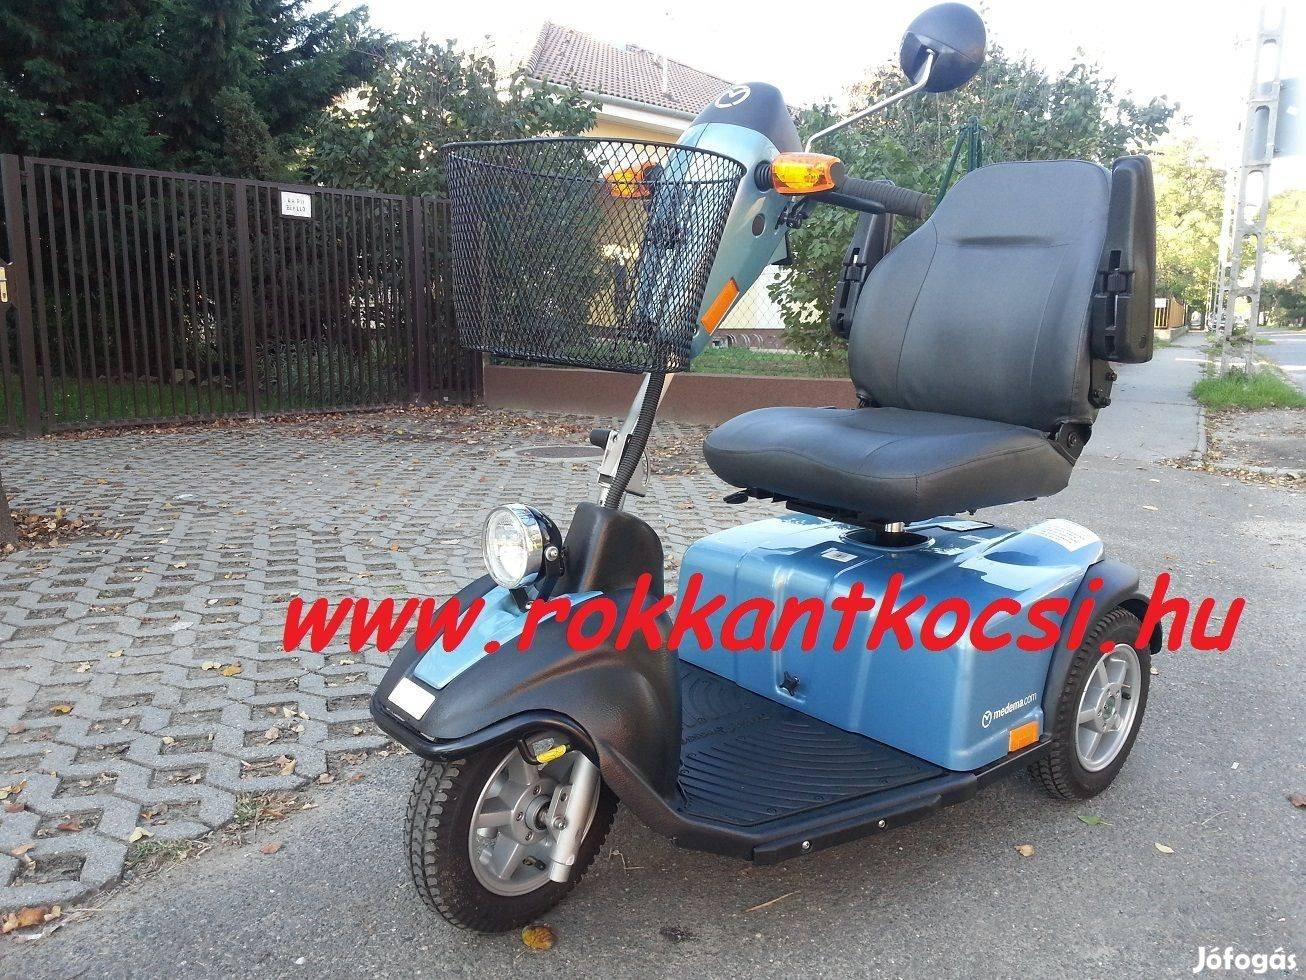 Elektromos Moped Rokkantkocsi Adás vétel Szerviz Aksik Gumik Garancia, 8. Kép